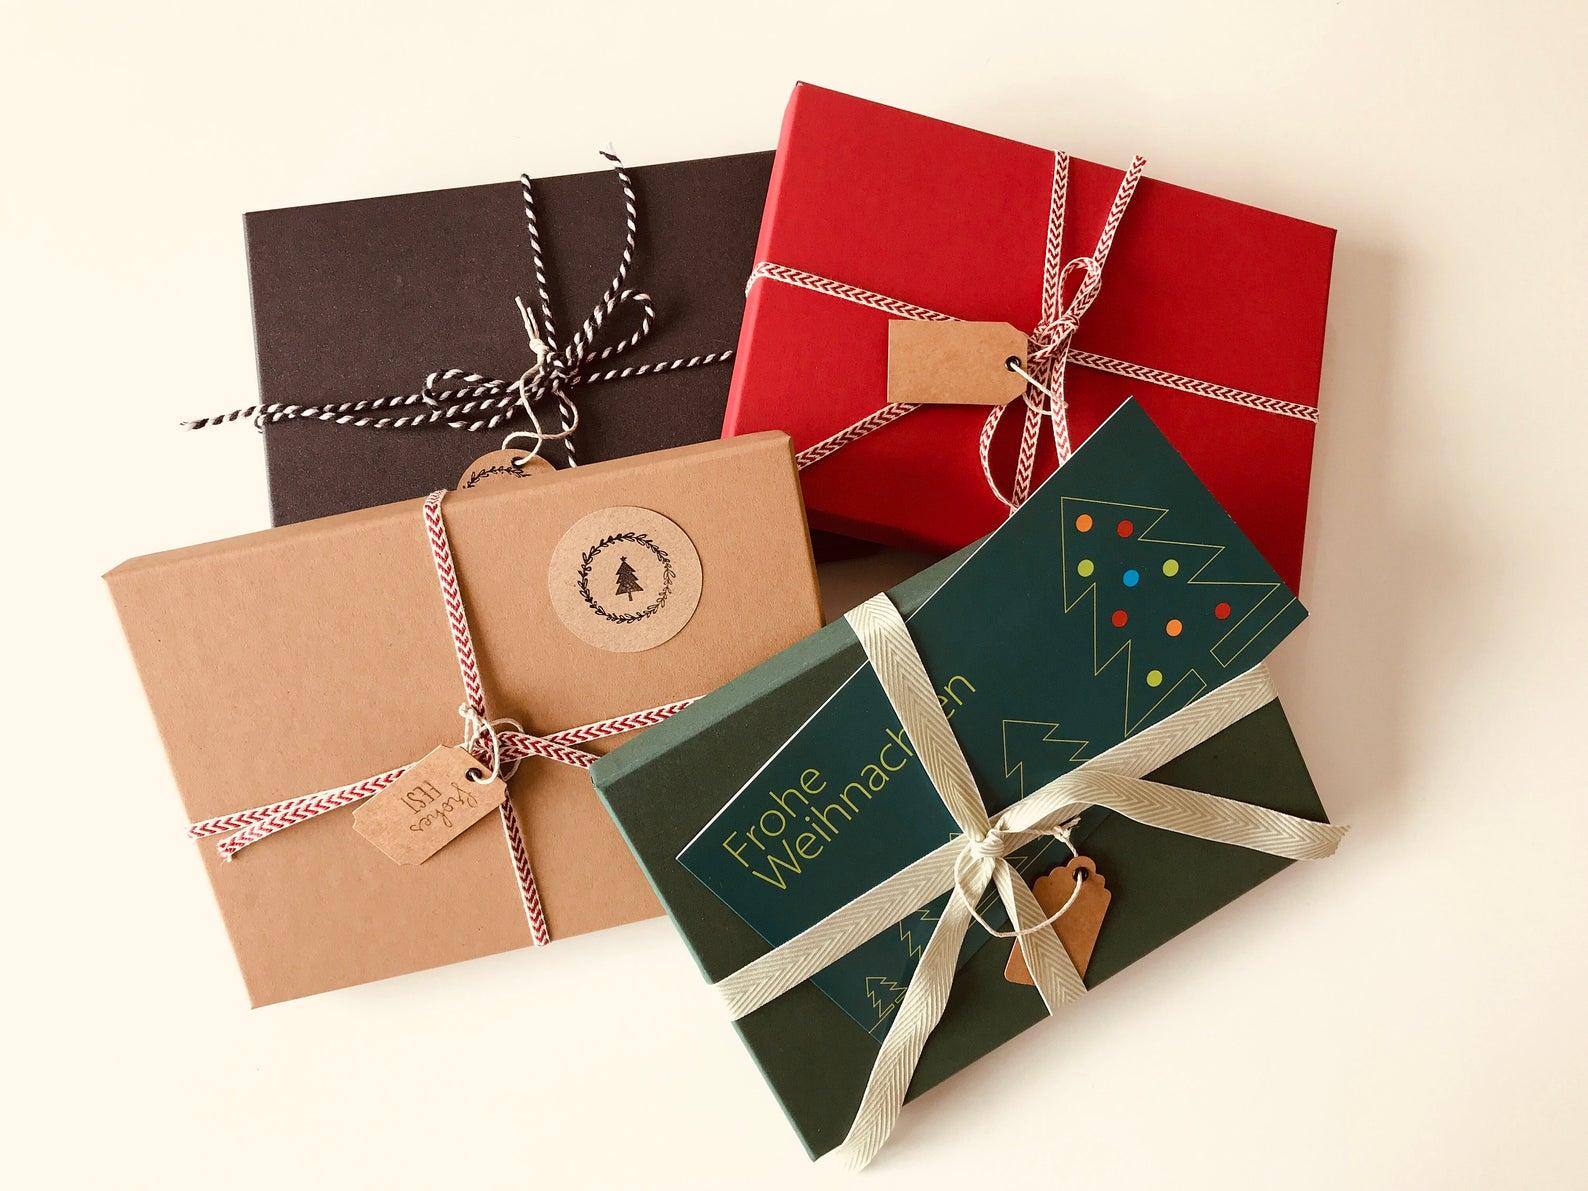 geschenkschachteln-und-geschenkband-von-artoz